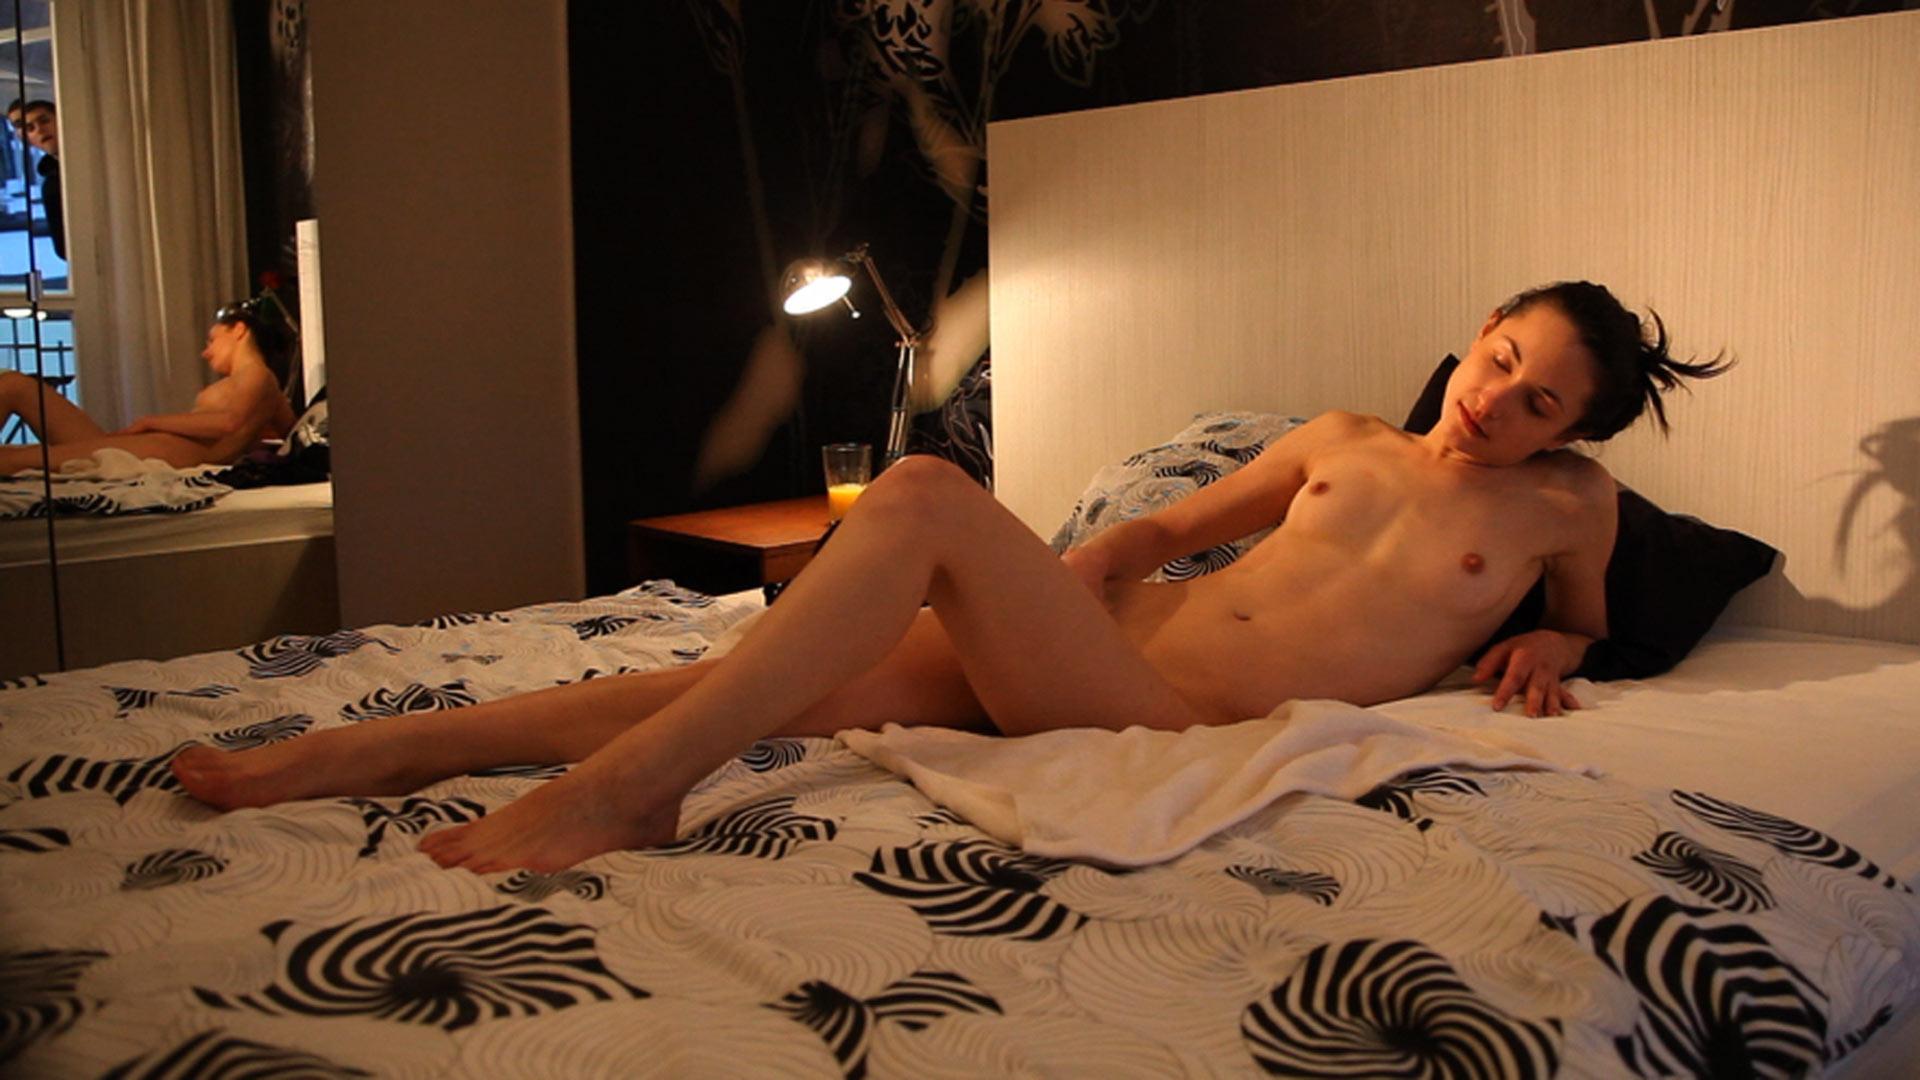 beate uhse porno kostenlose erotische geschichten